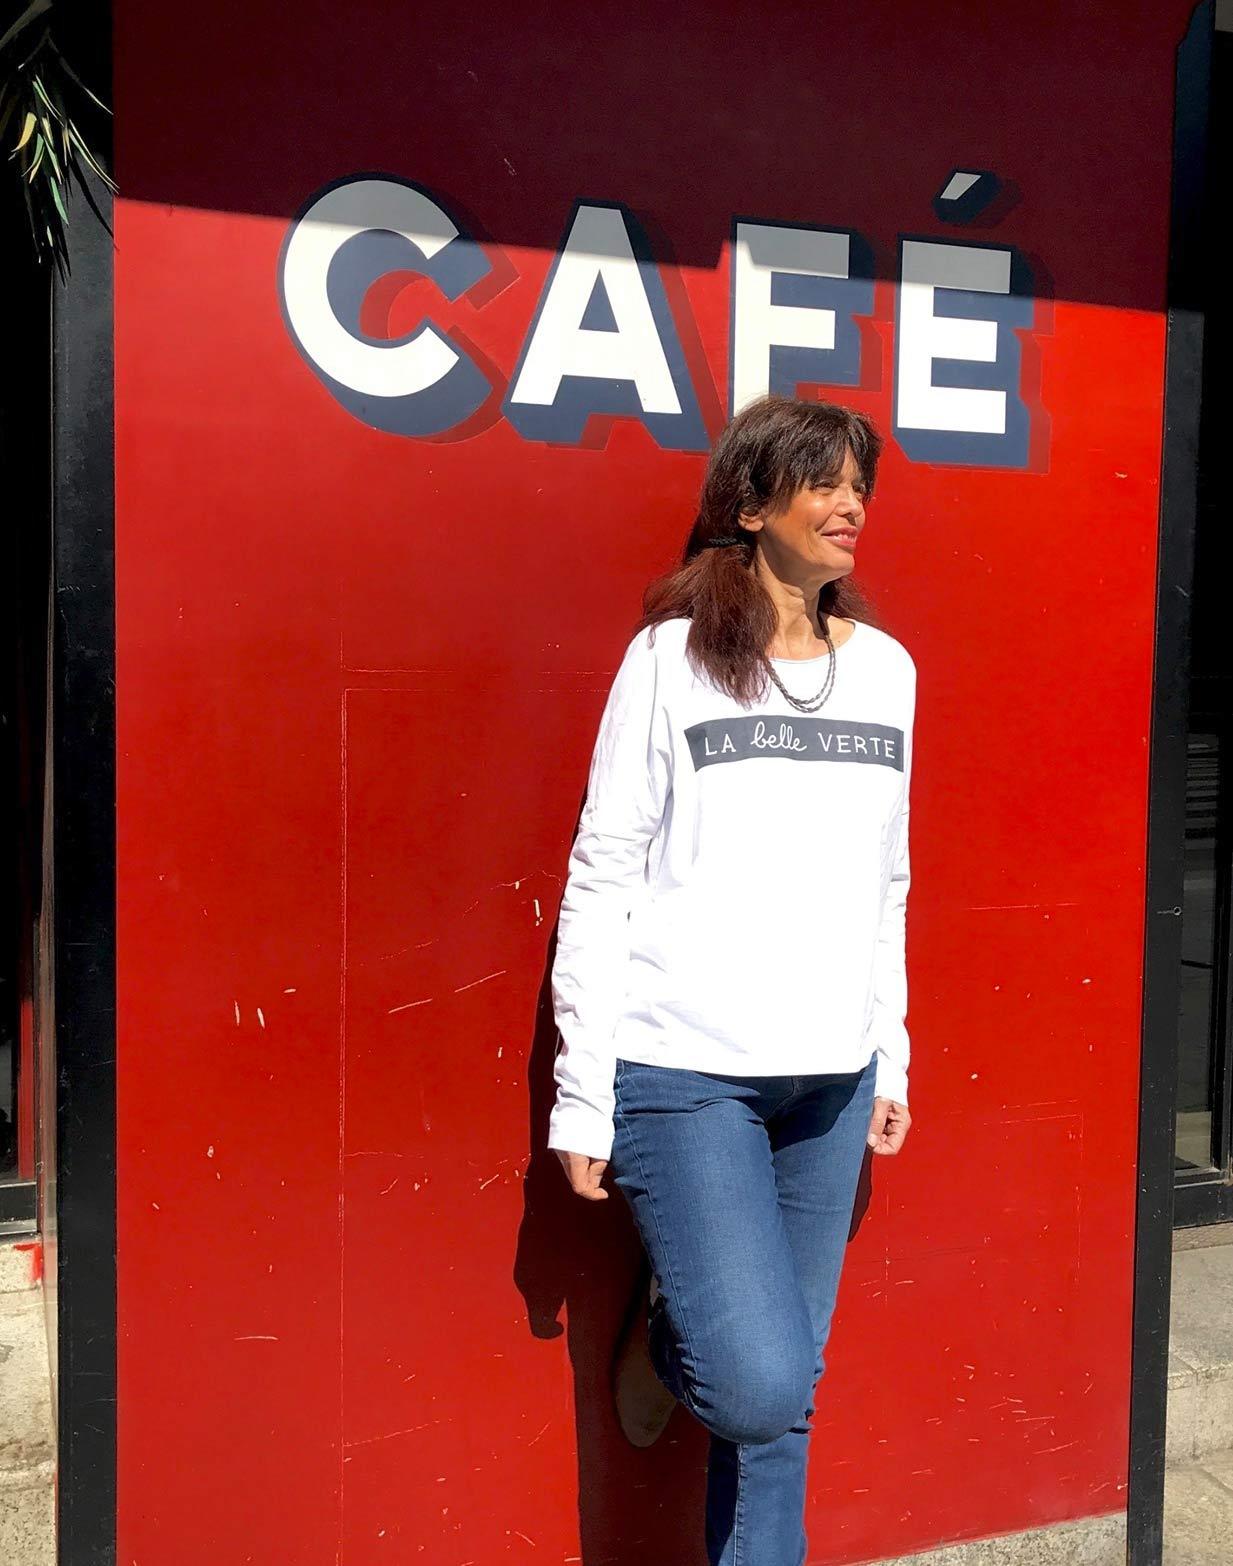 Arielle Levy - t-shirt La belle verte